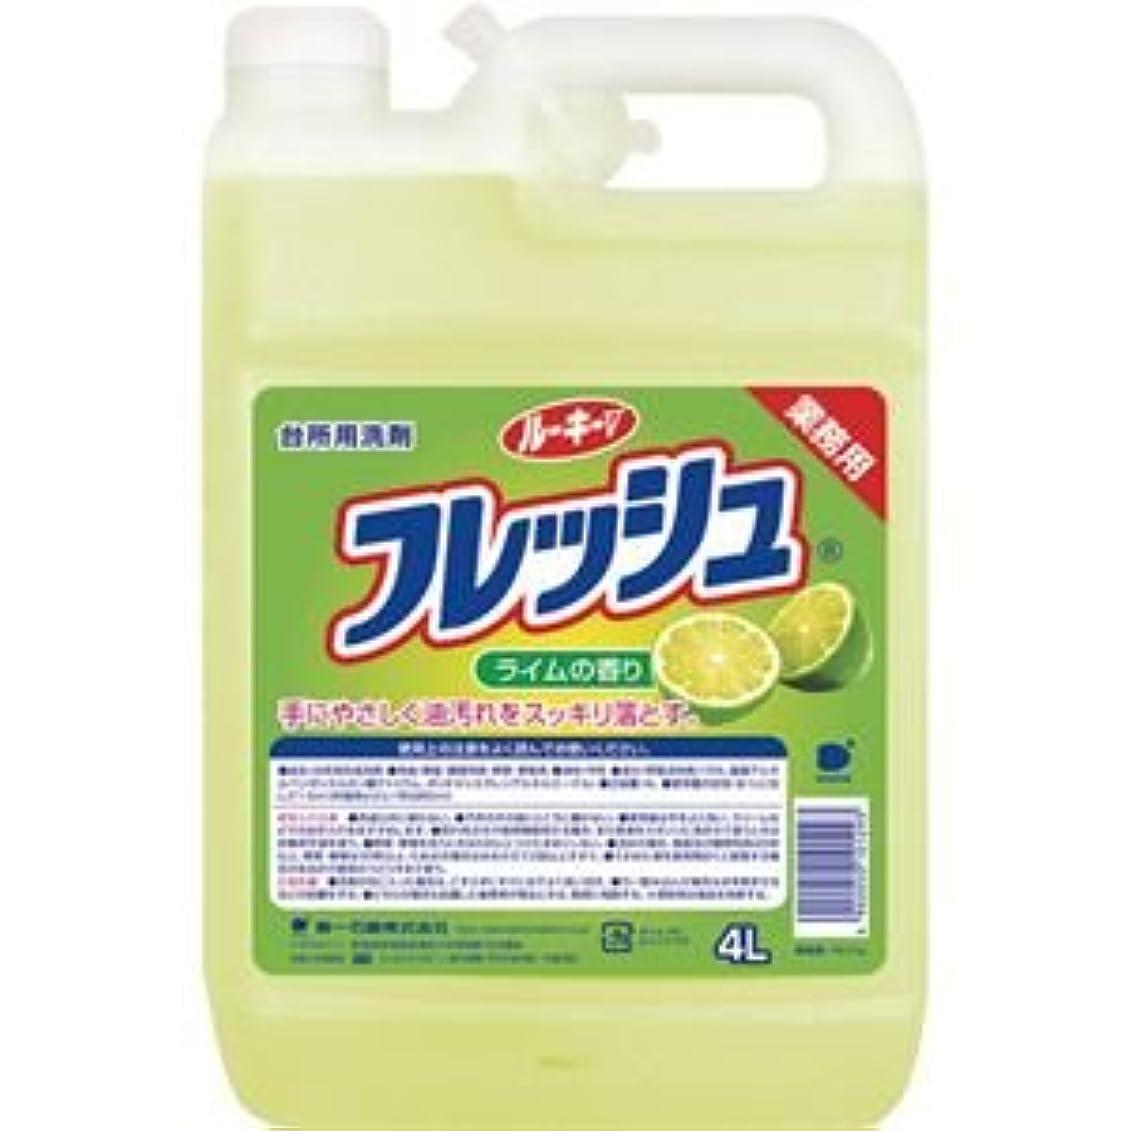 不十分な痛み養う(まとめ) 第一石鹸 ルーキーVフレッシュ 業務用 4L 1本 【×5セット】